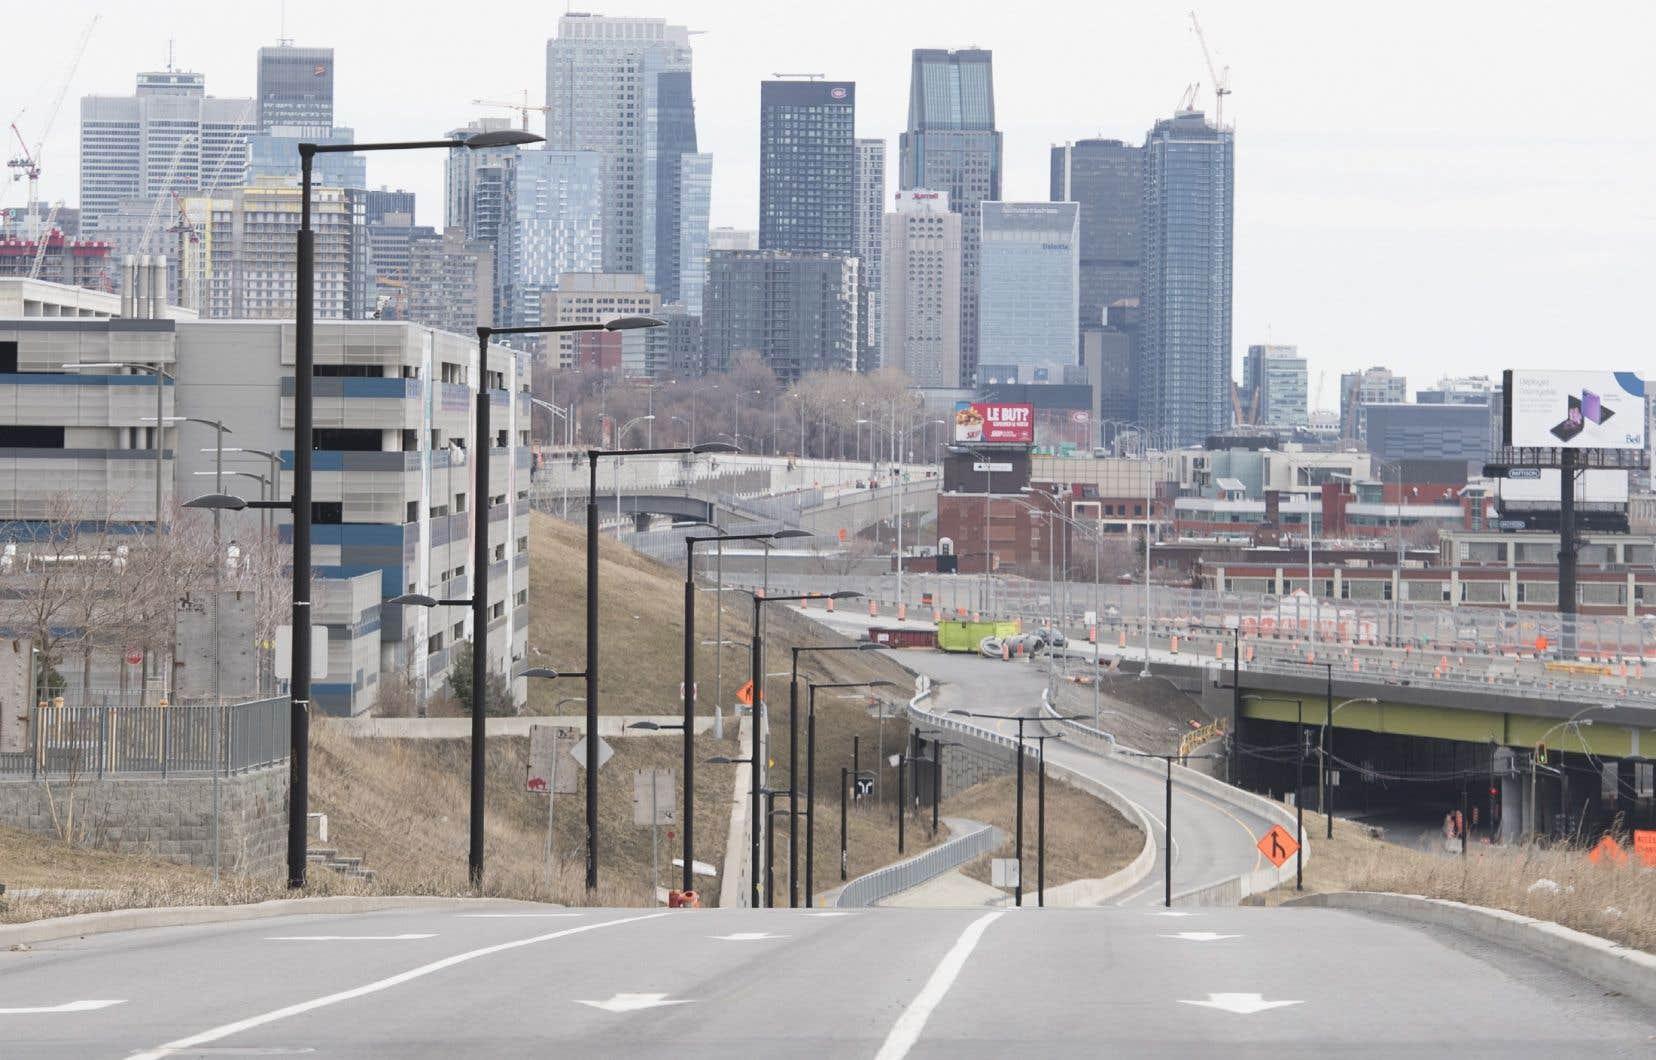 Les villes devront vraisemblablement contracter des emprunts pour remédier aux manques à gagner, mais elles ne voudront pas augmenter les taxes en 2021, soutient Suzanne Roy.